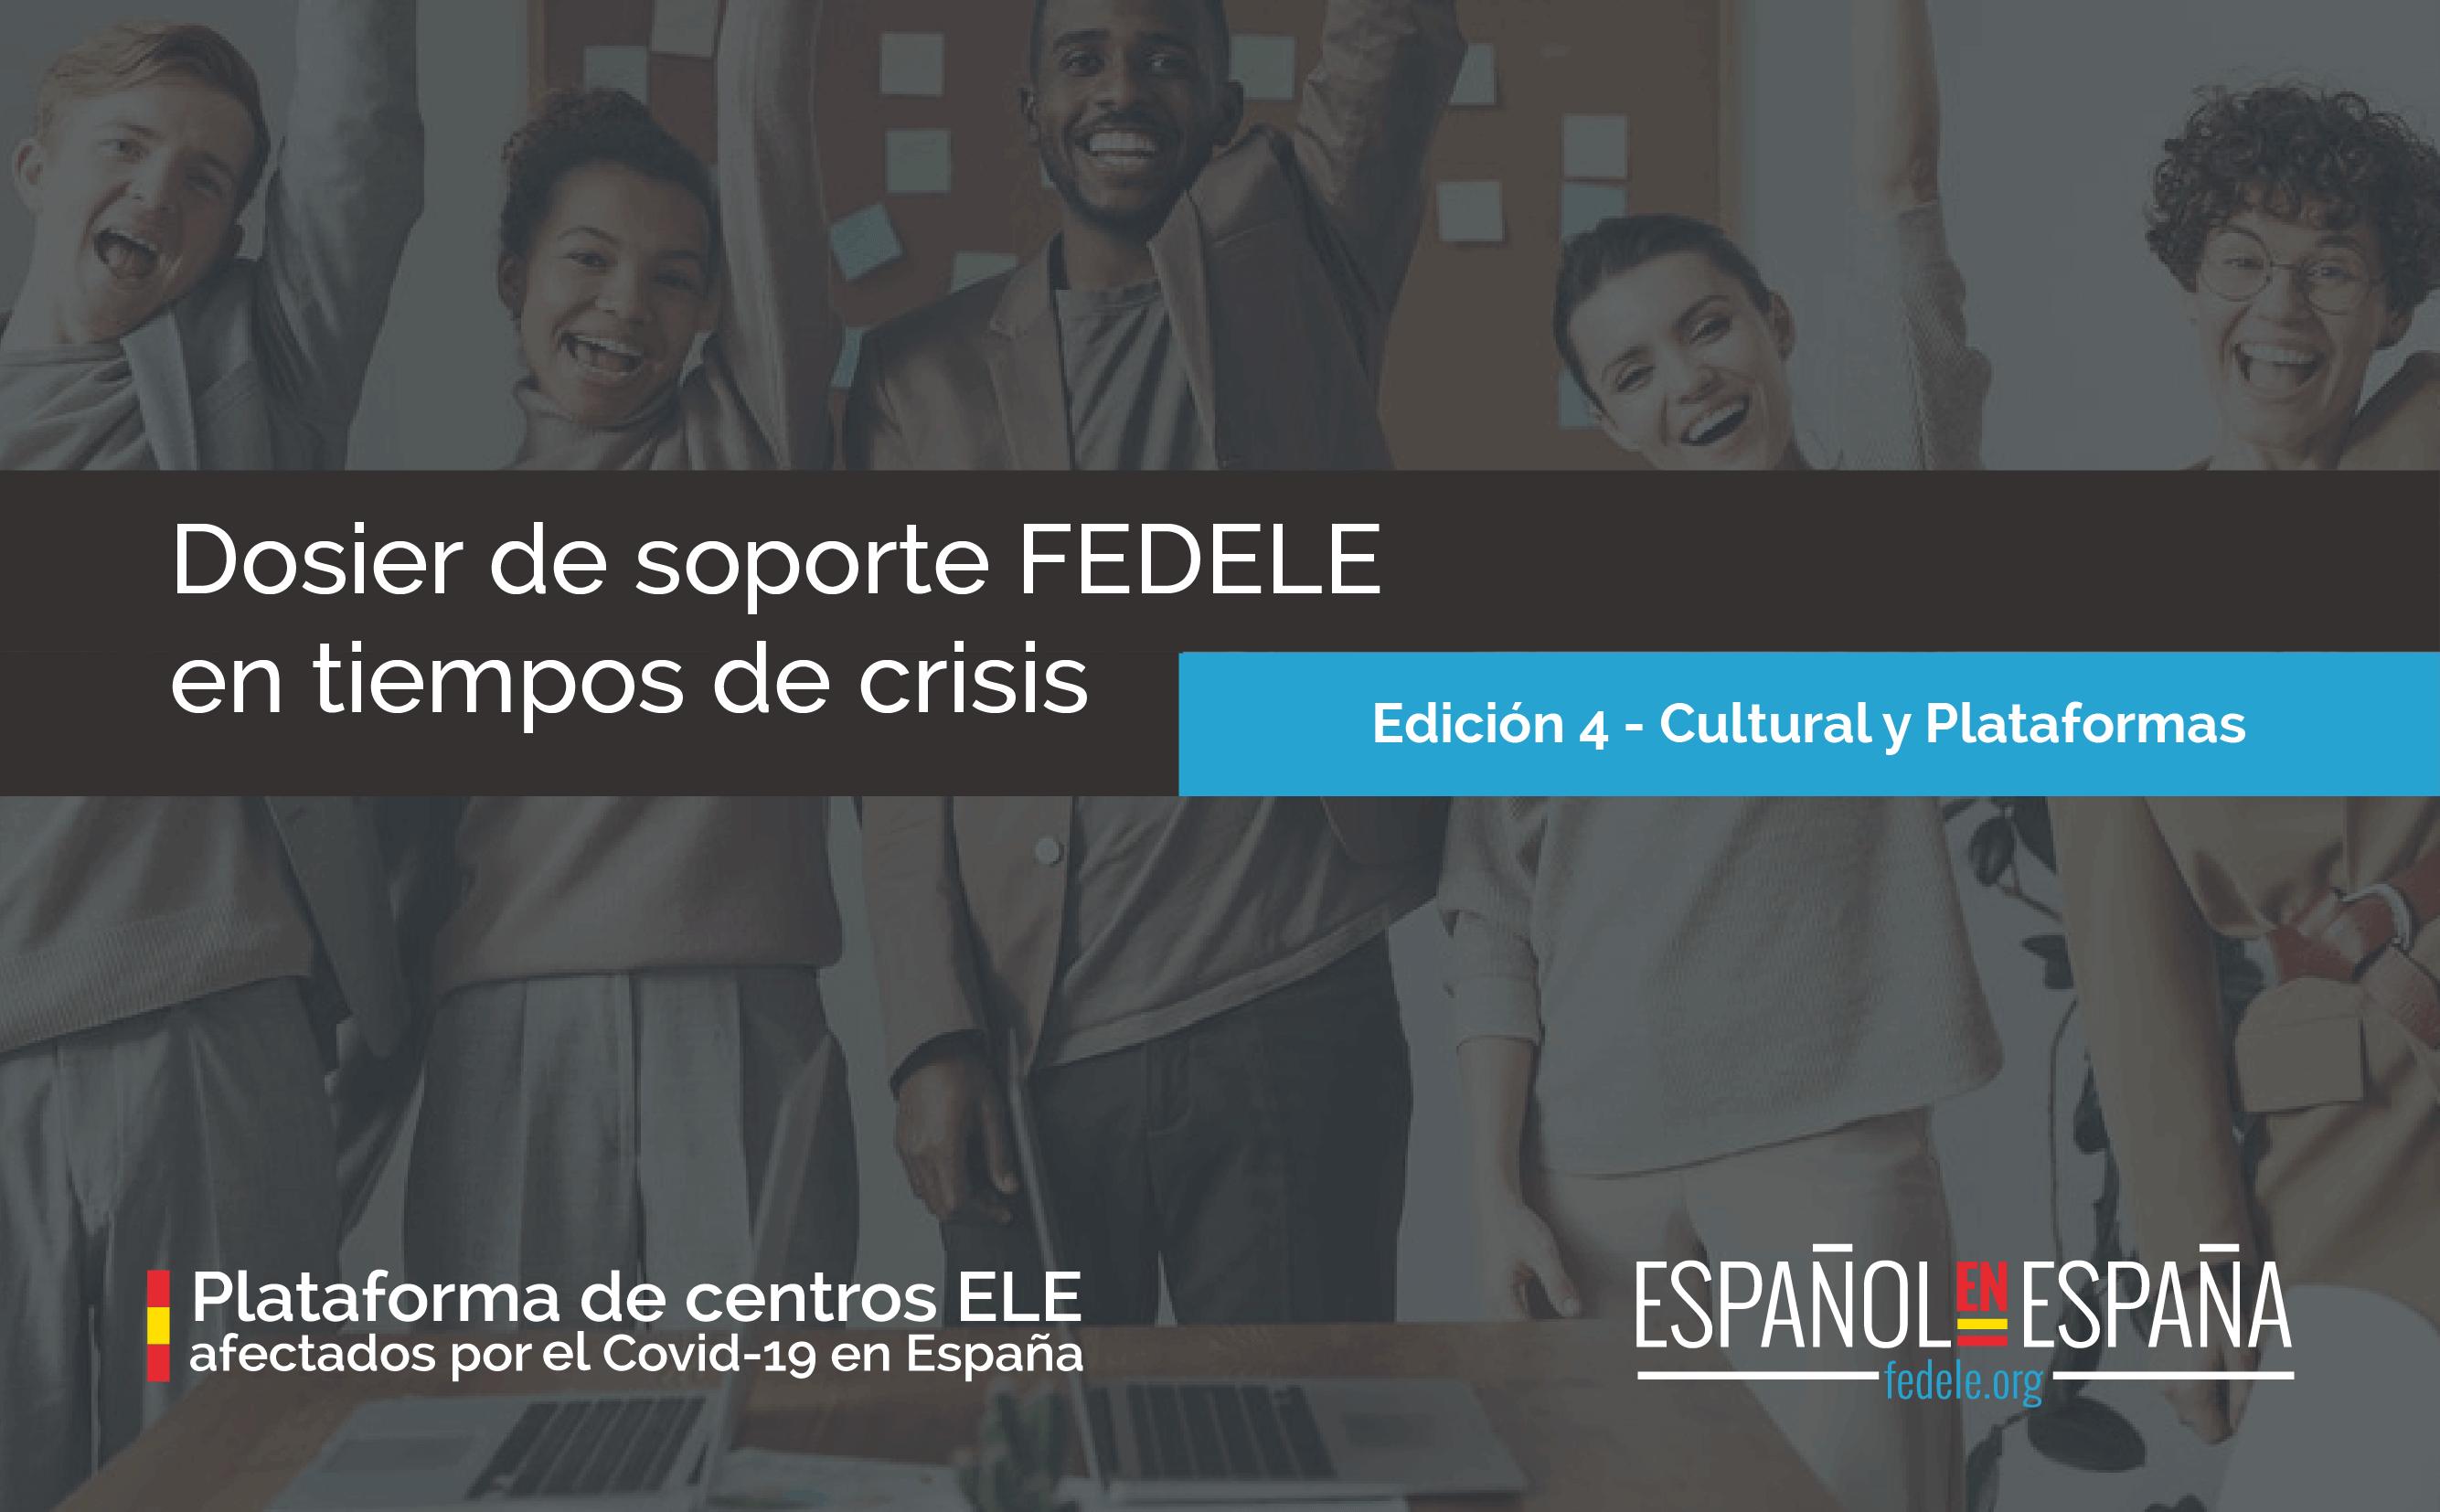 Dosier de soporte FEDELE en tiempo de crisis – Cuarta edición en abierto